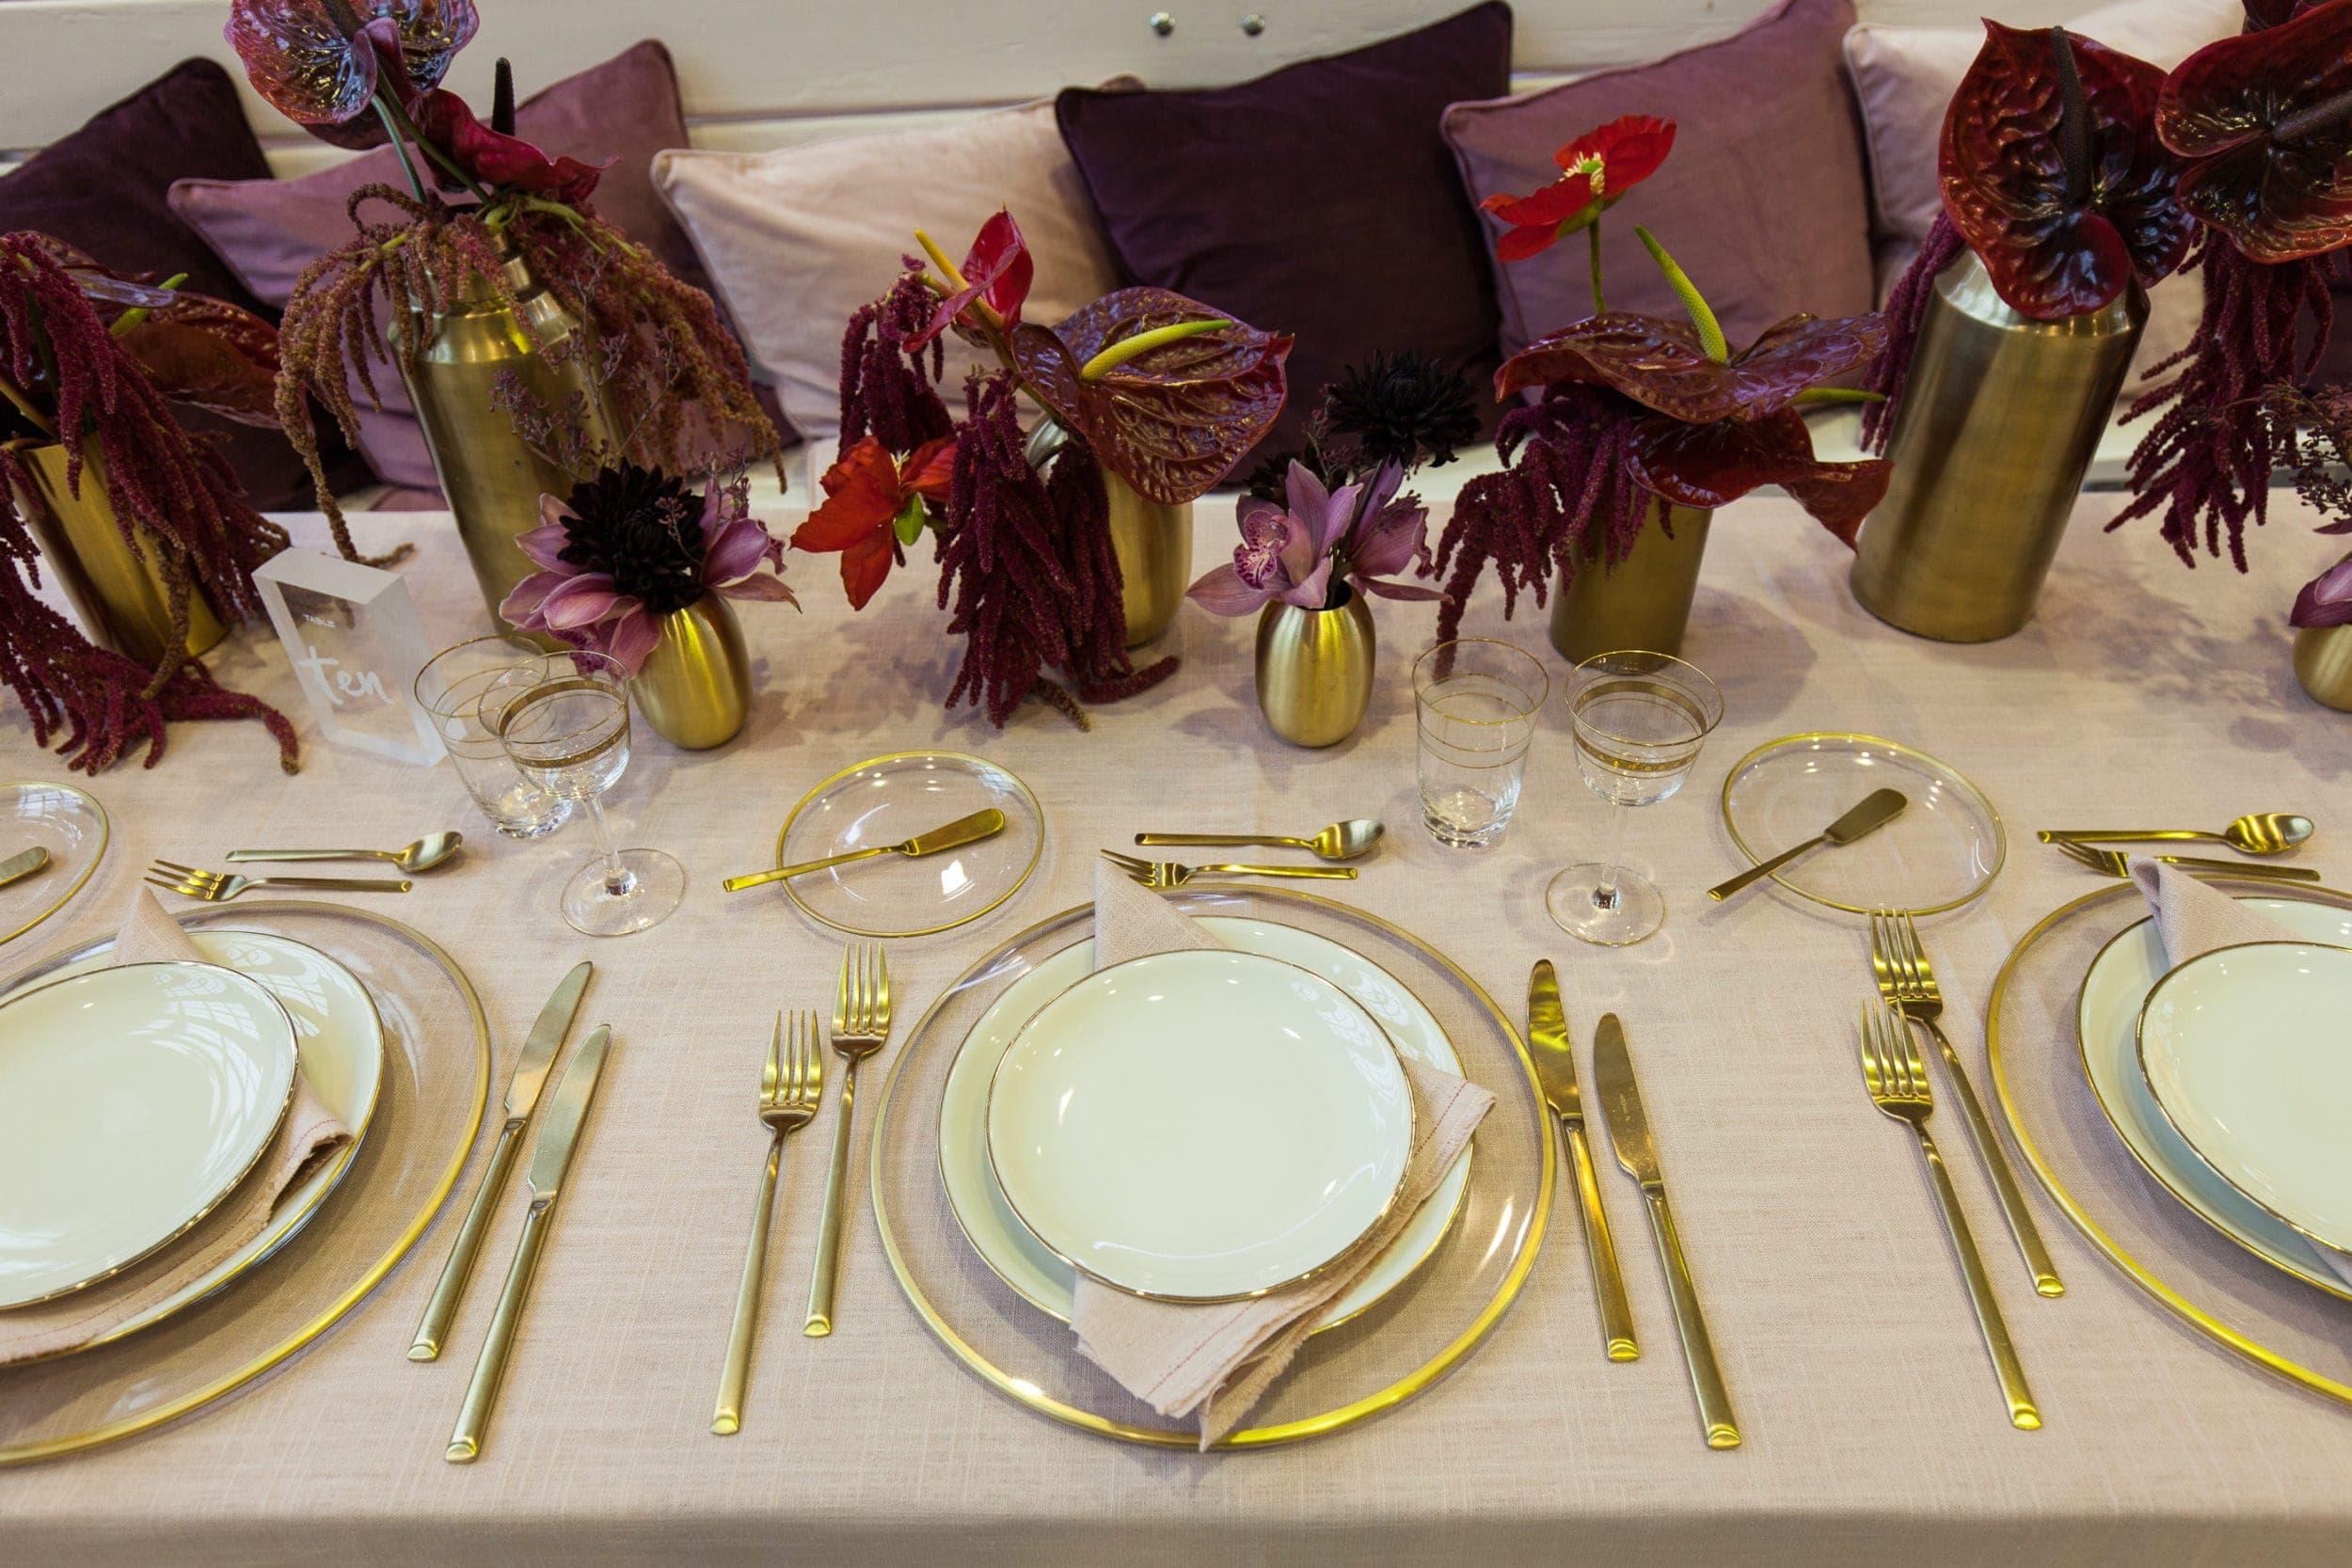 Eventgestaltung, Tischdekoration und Cateringbedarf mieten